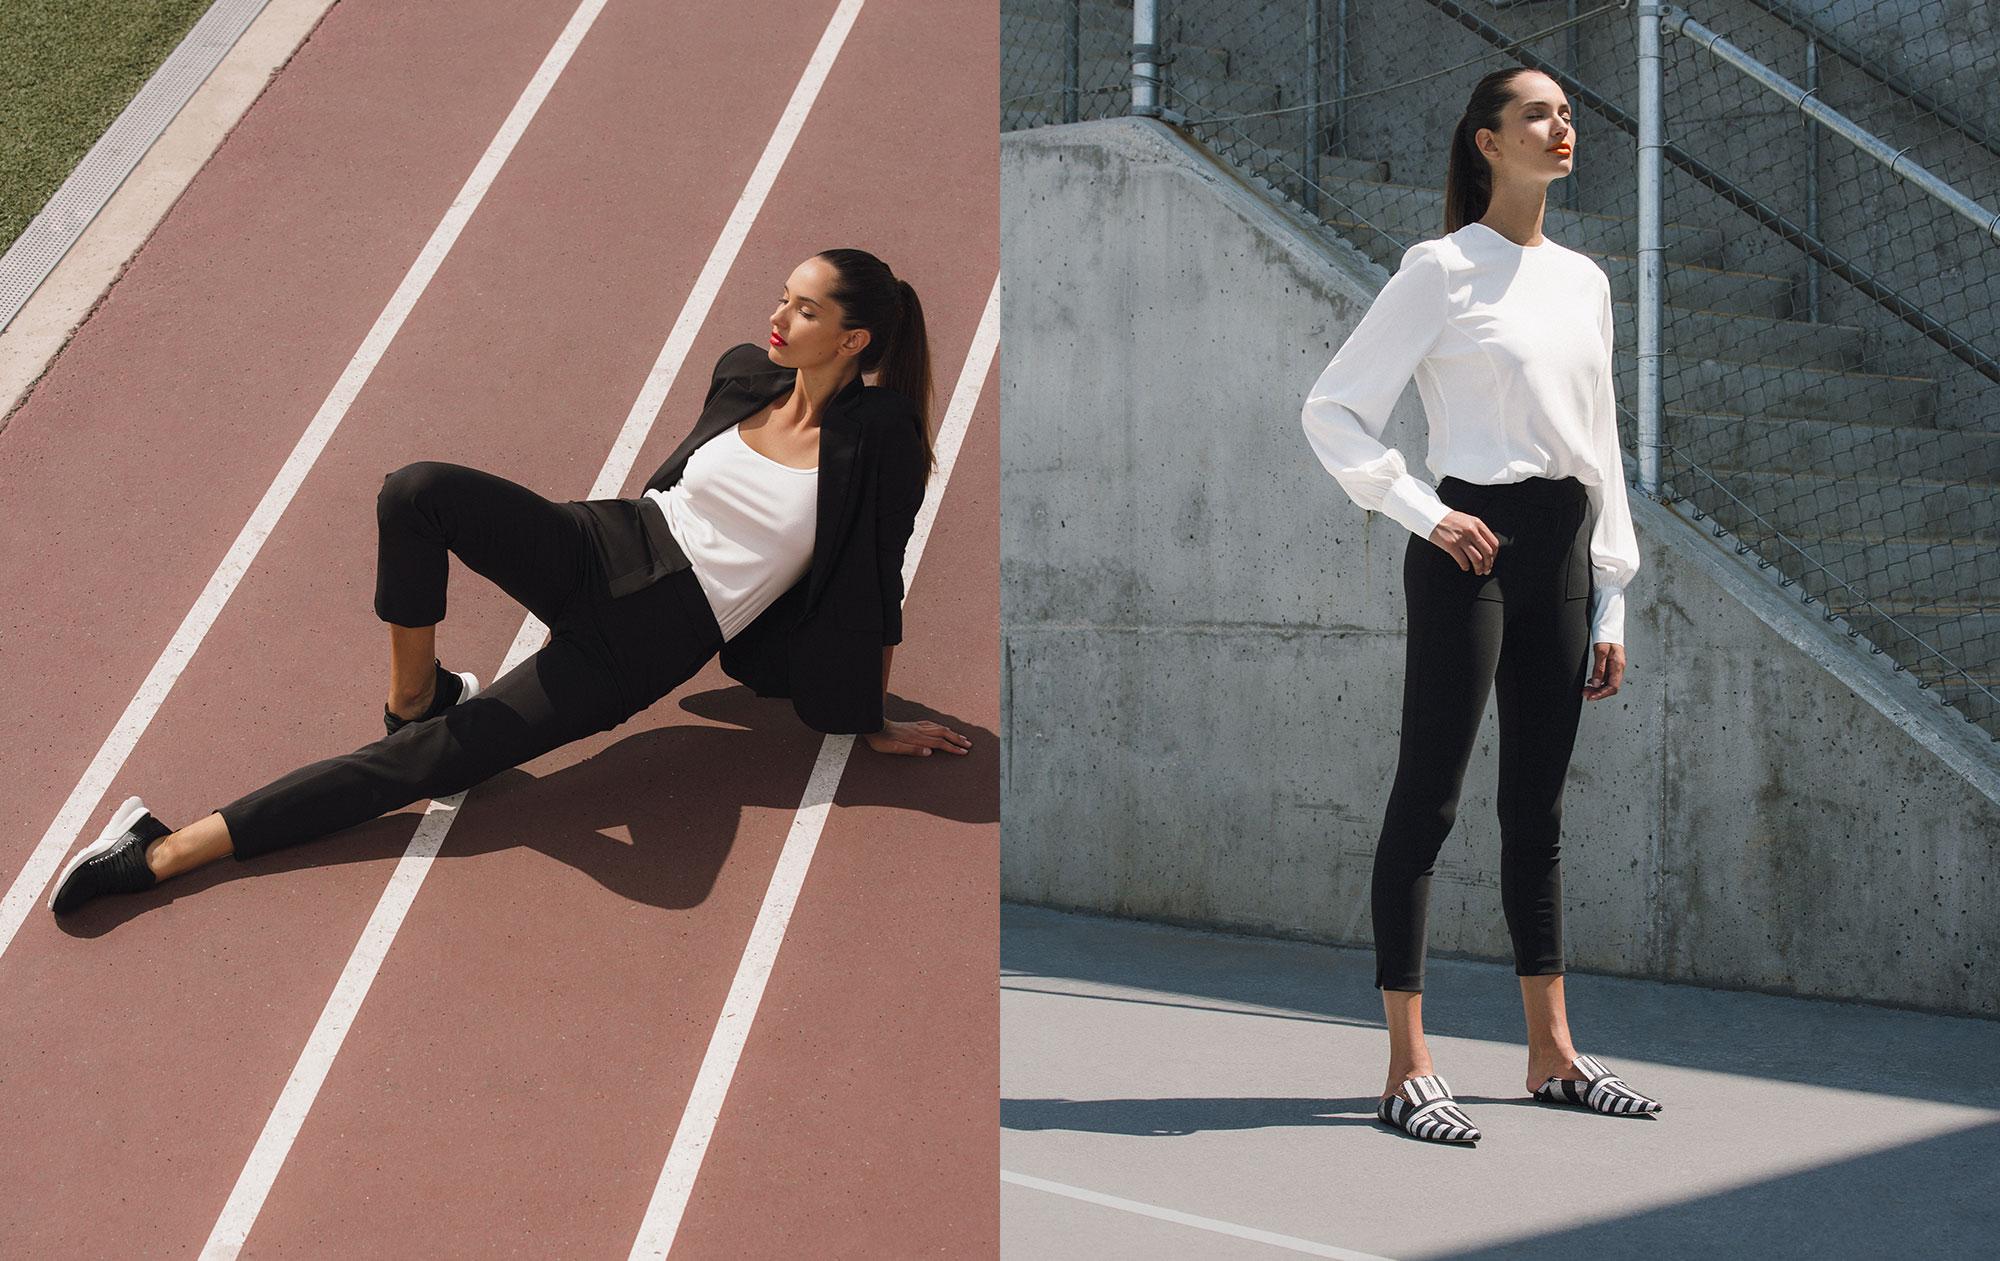 A model wearing Aella pants on a track field